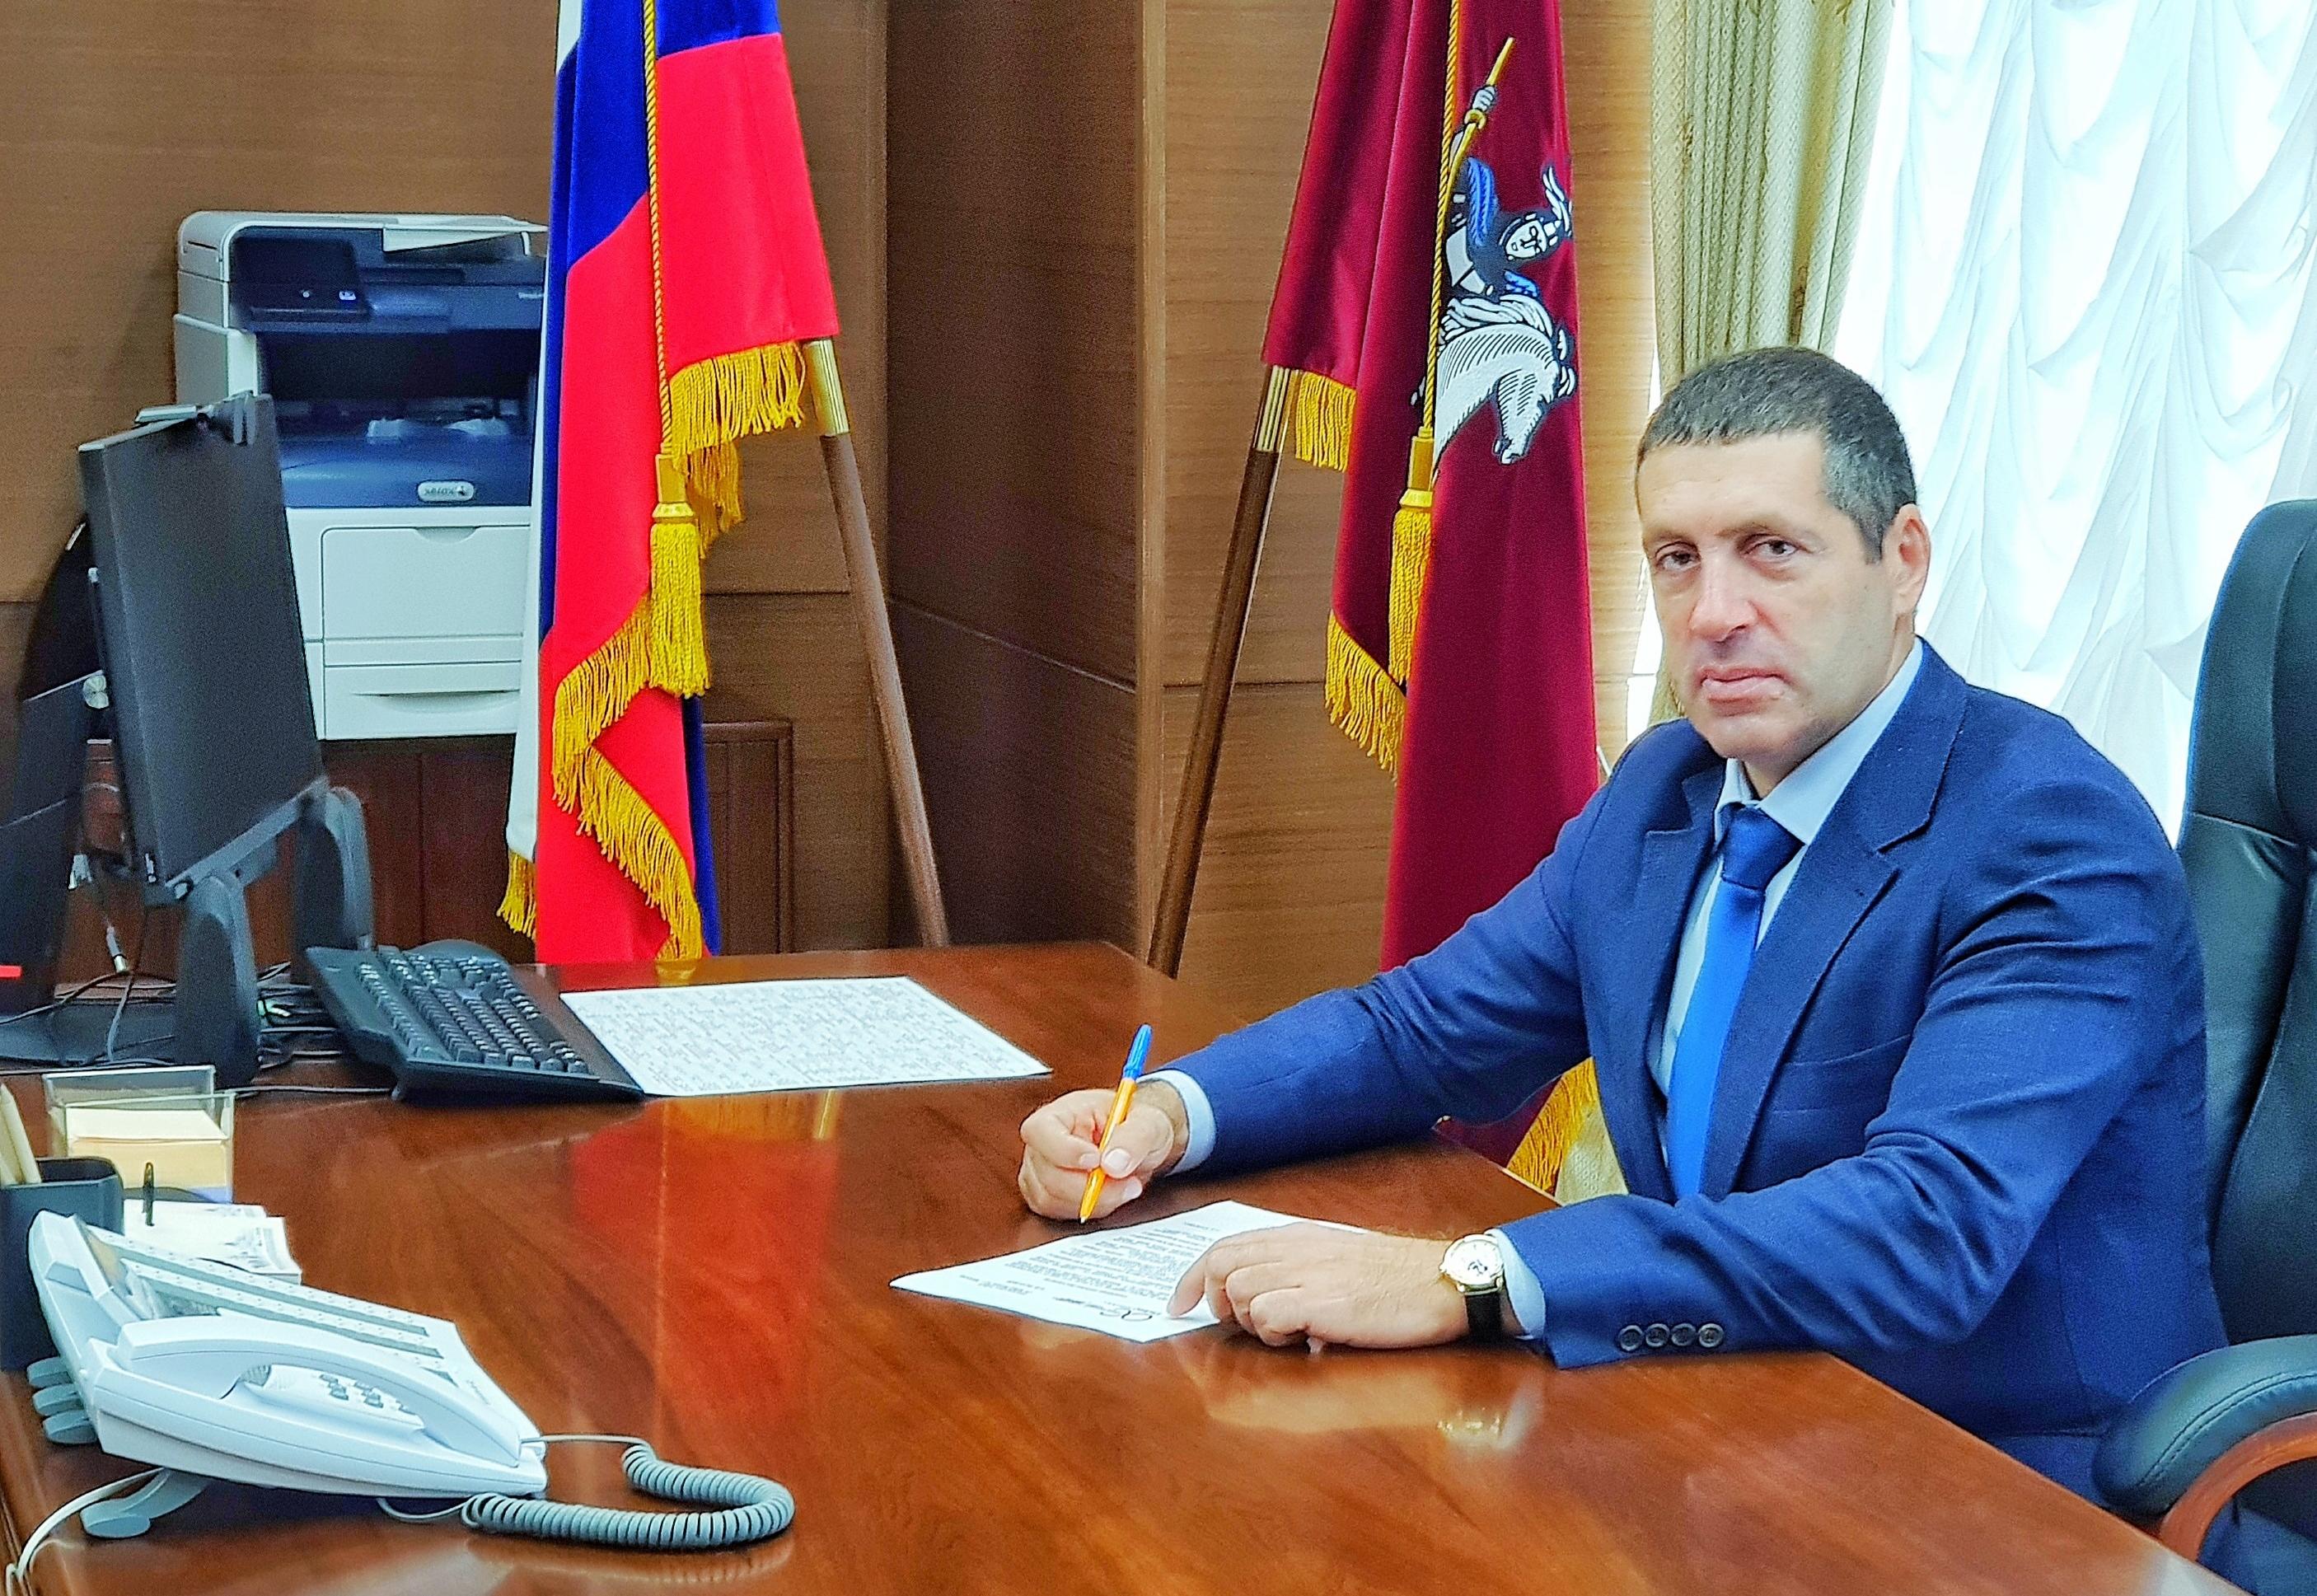 Независимый эксперт Минюста выявил коррупциогенные факторы в КоАП РФ